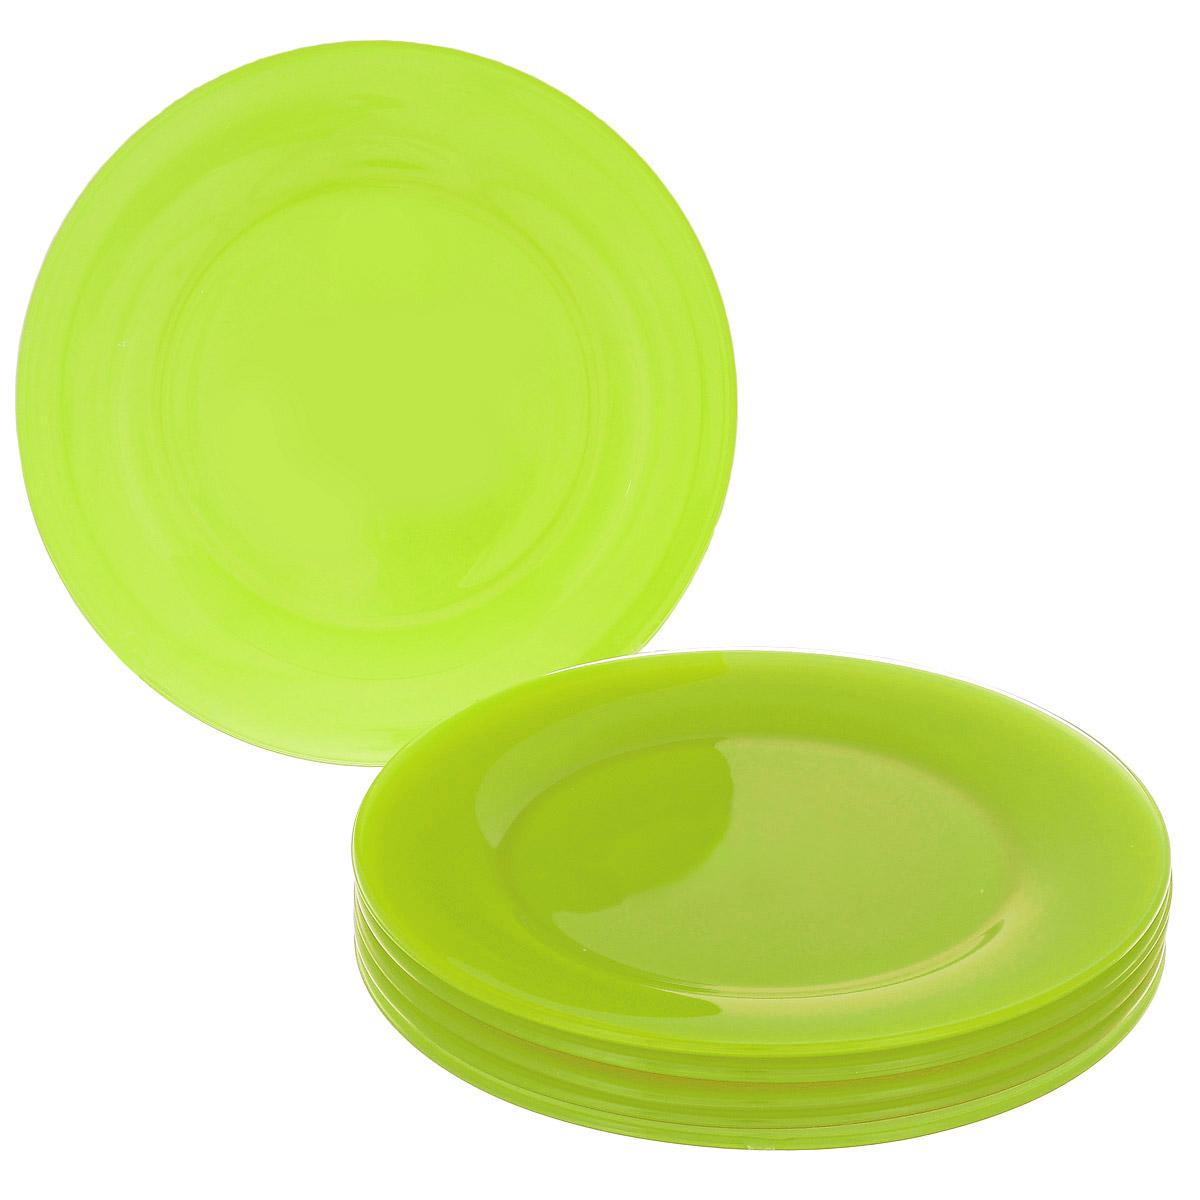 Набор тарелок, цвет: зеленый, диаметр 22 см, 6 шт. Кт FBP90TFBP90T-T0940-1Набор тарелок, выполненный из высококачественного стекла, состоит из 6 мелких тарелок. Они сочетают в себе изысканный дизайн с максимальной функциональностью. Оригинальность оформления тарелок придется по вкусу и ценителям классики, и тем, кто предпочитает утонченность и изящность. Набор тарелок послужит отличным подарком к любому празднику.